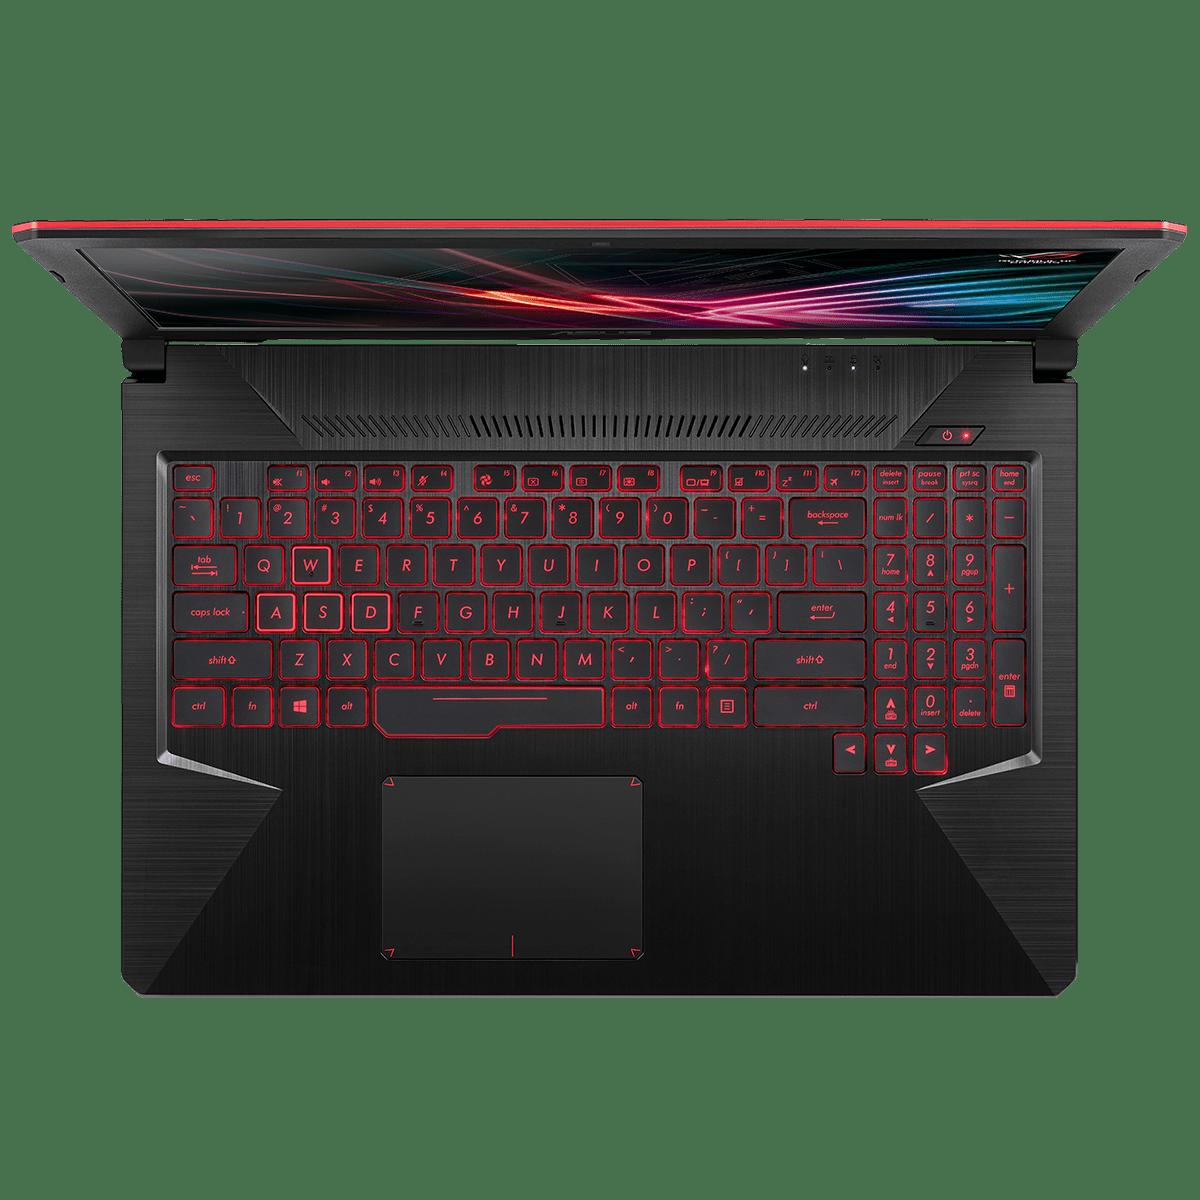 ASUS TUF FX504GE-ES72 Gaming Laptop [Refurb]